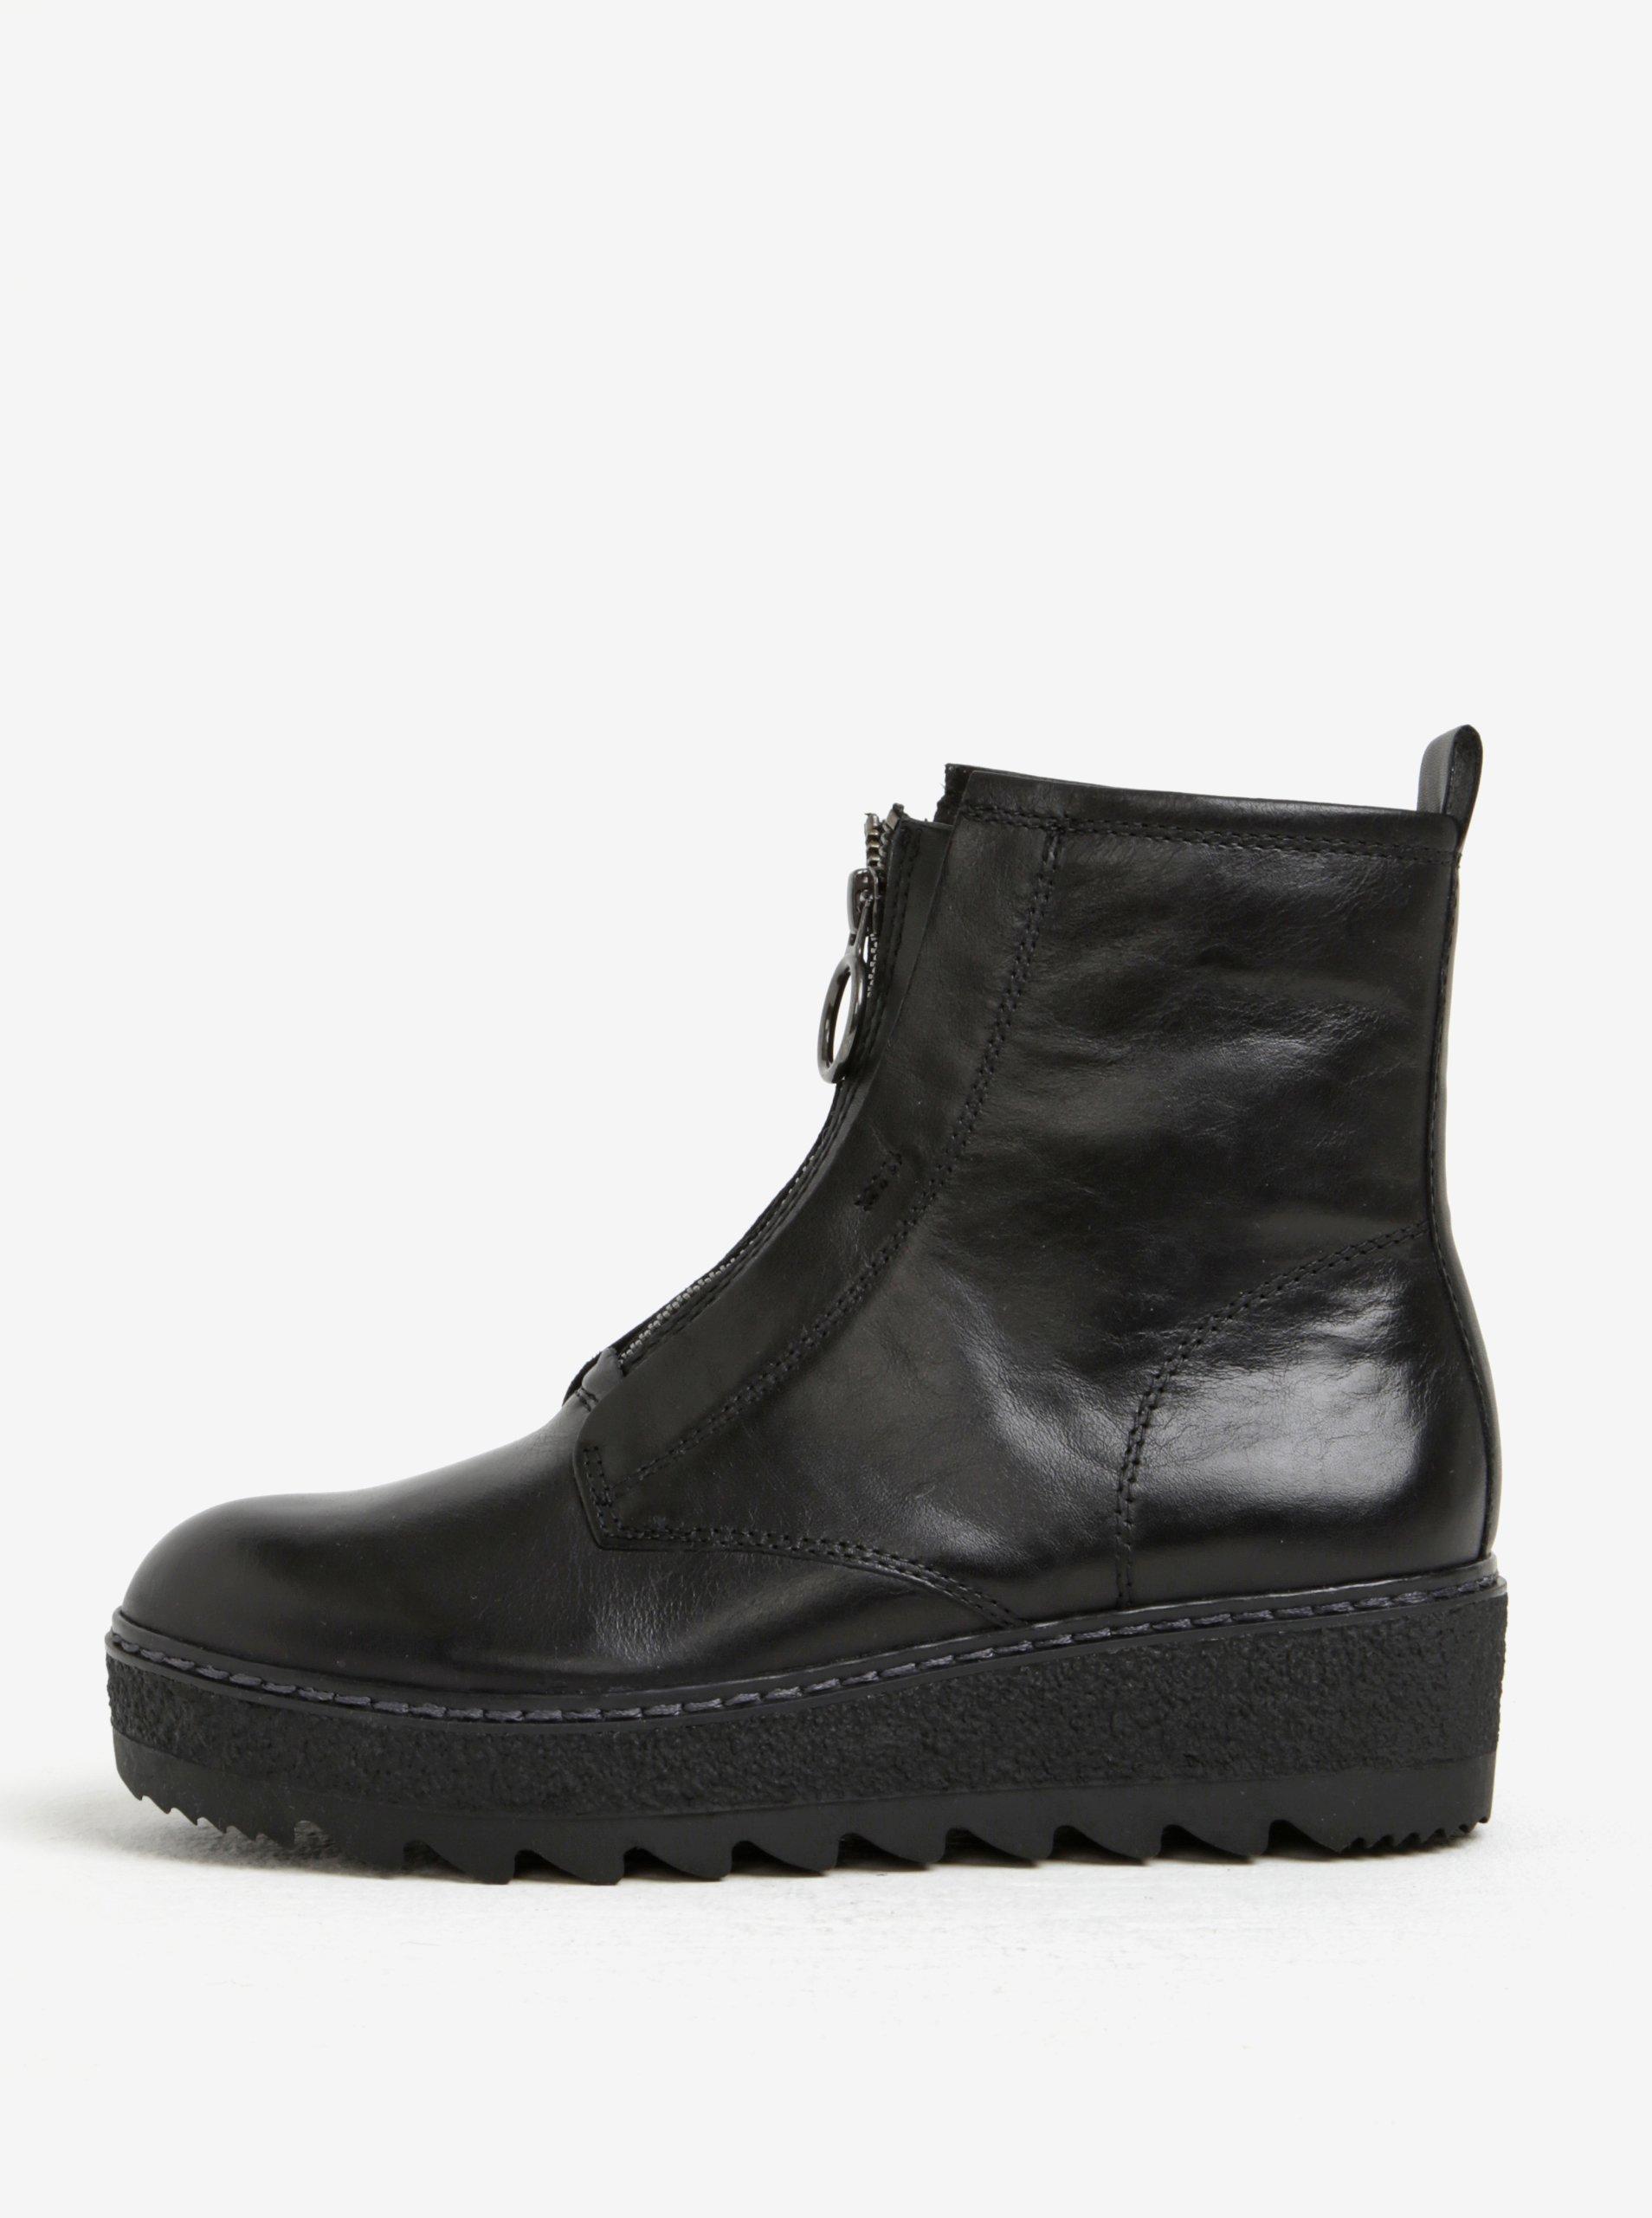 9a3e6b5f0686 Čierne kožené členkové topánky na platforme so zipsom Tamaris